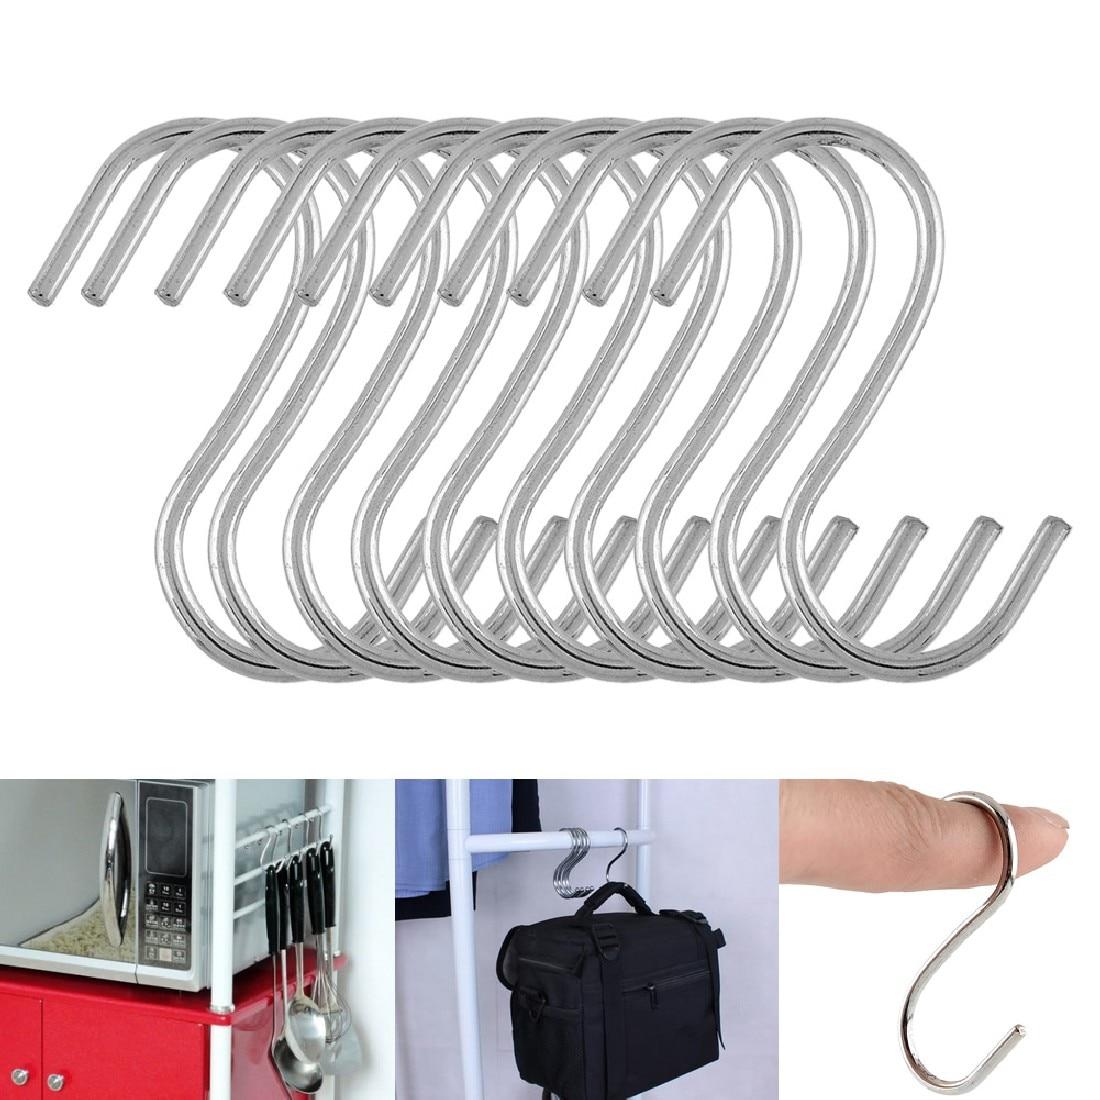 Полезная Новый 10 шт. S образный крючки Кухня висит вешалка хранения Держатели Организатор Бытовая дома существенно